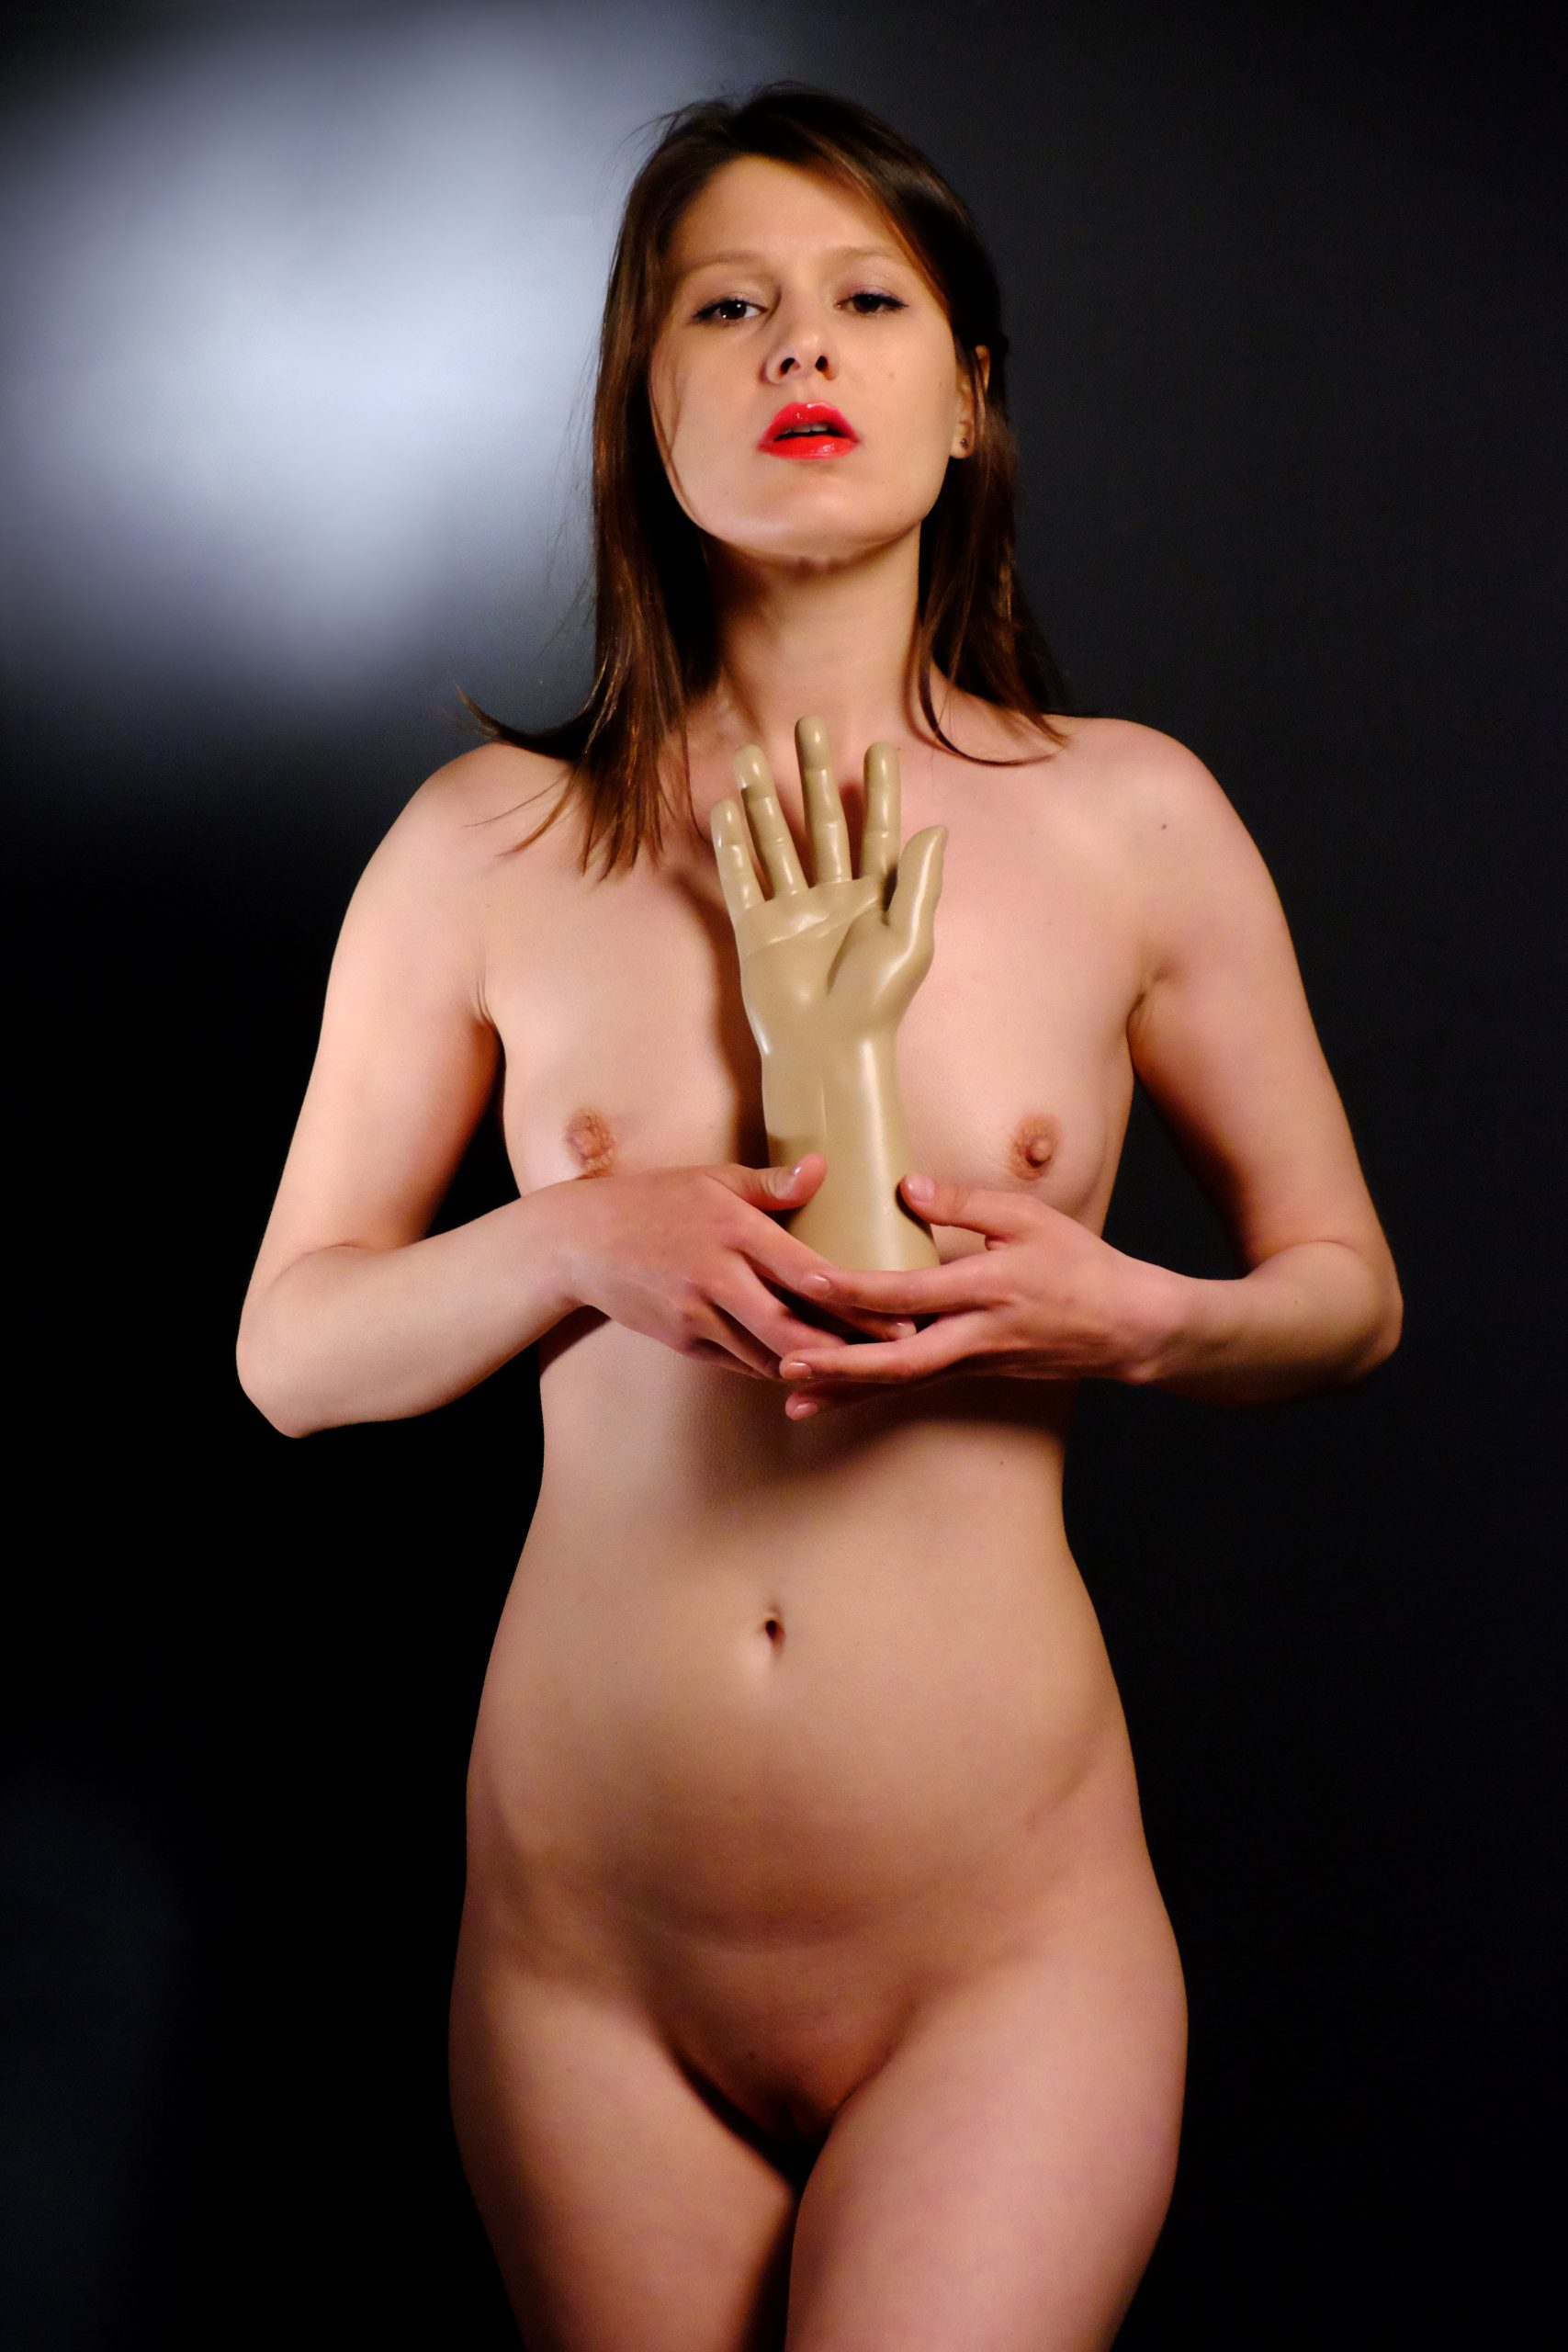 daria nya nude